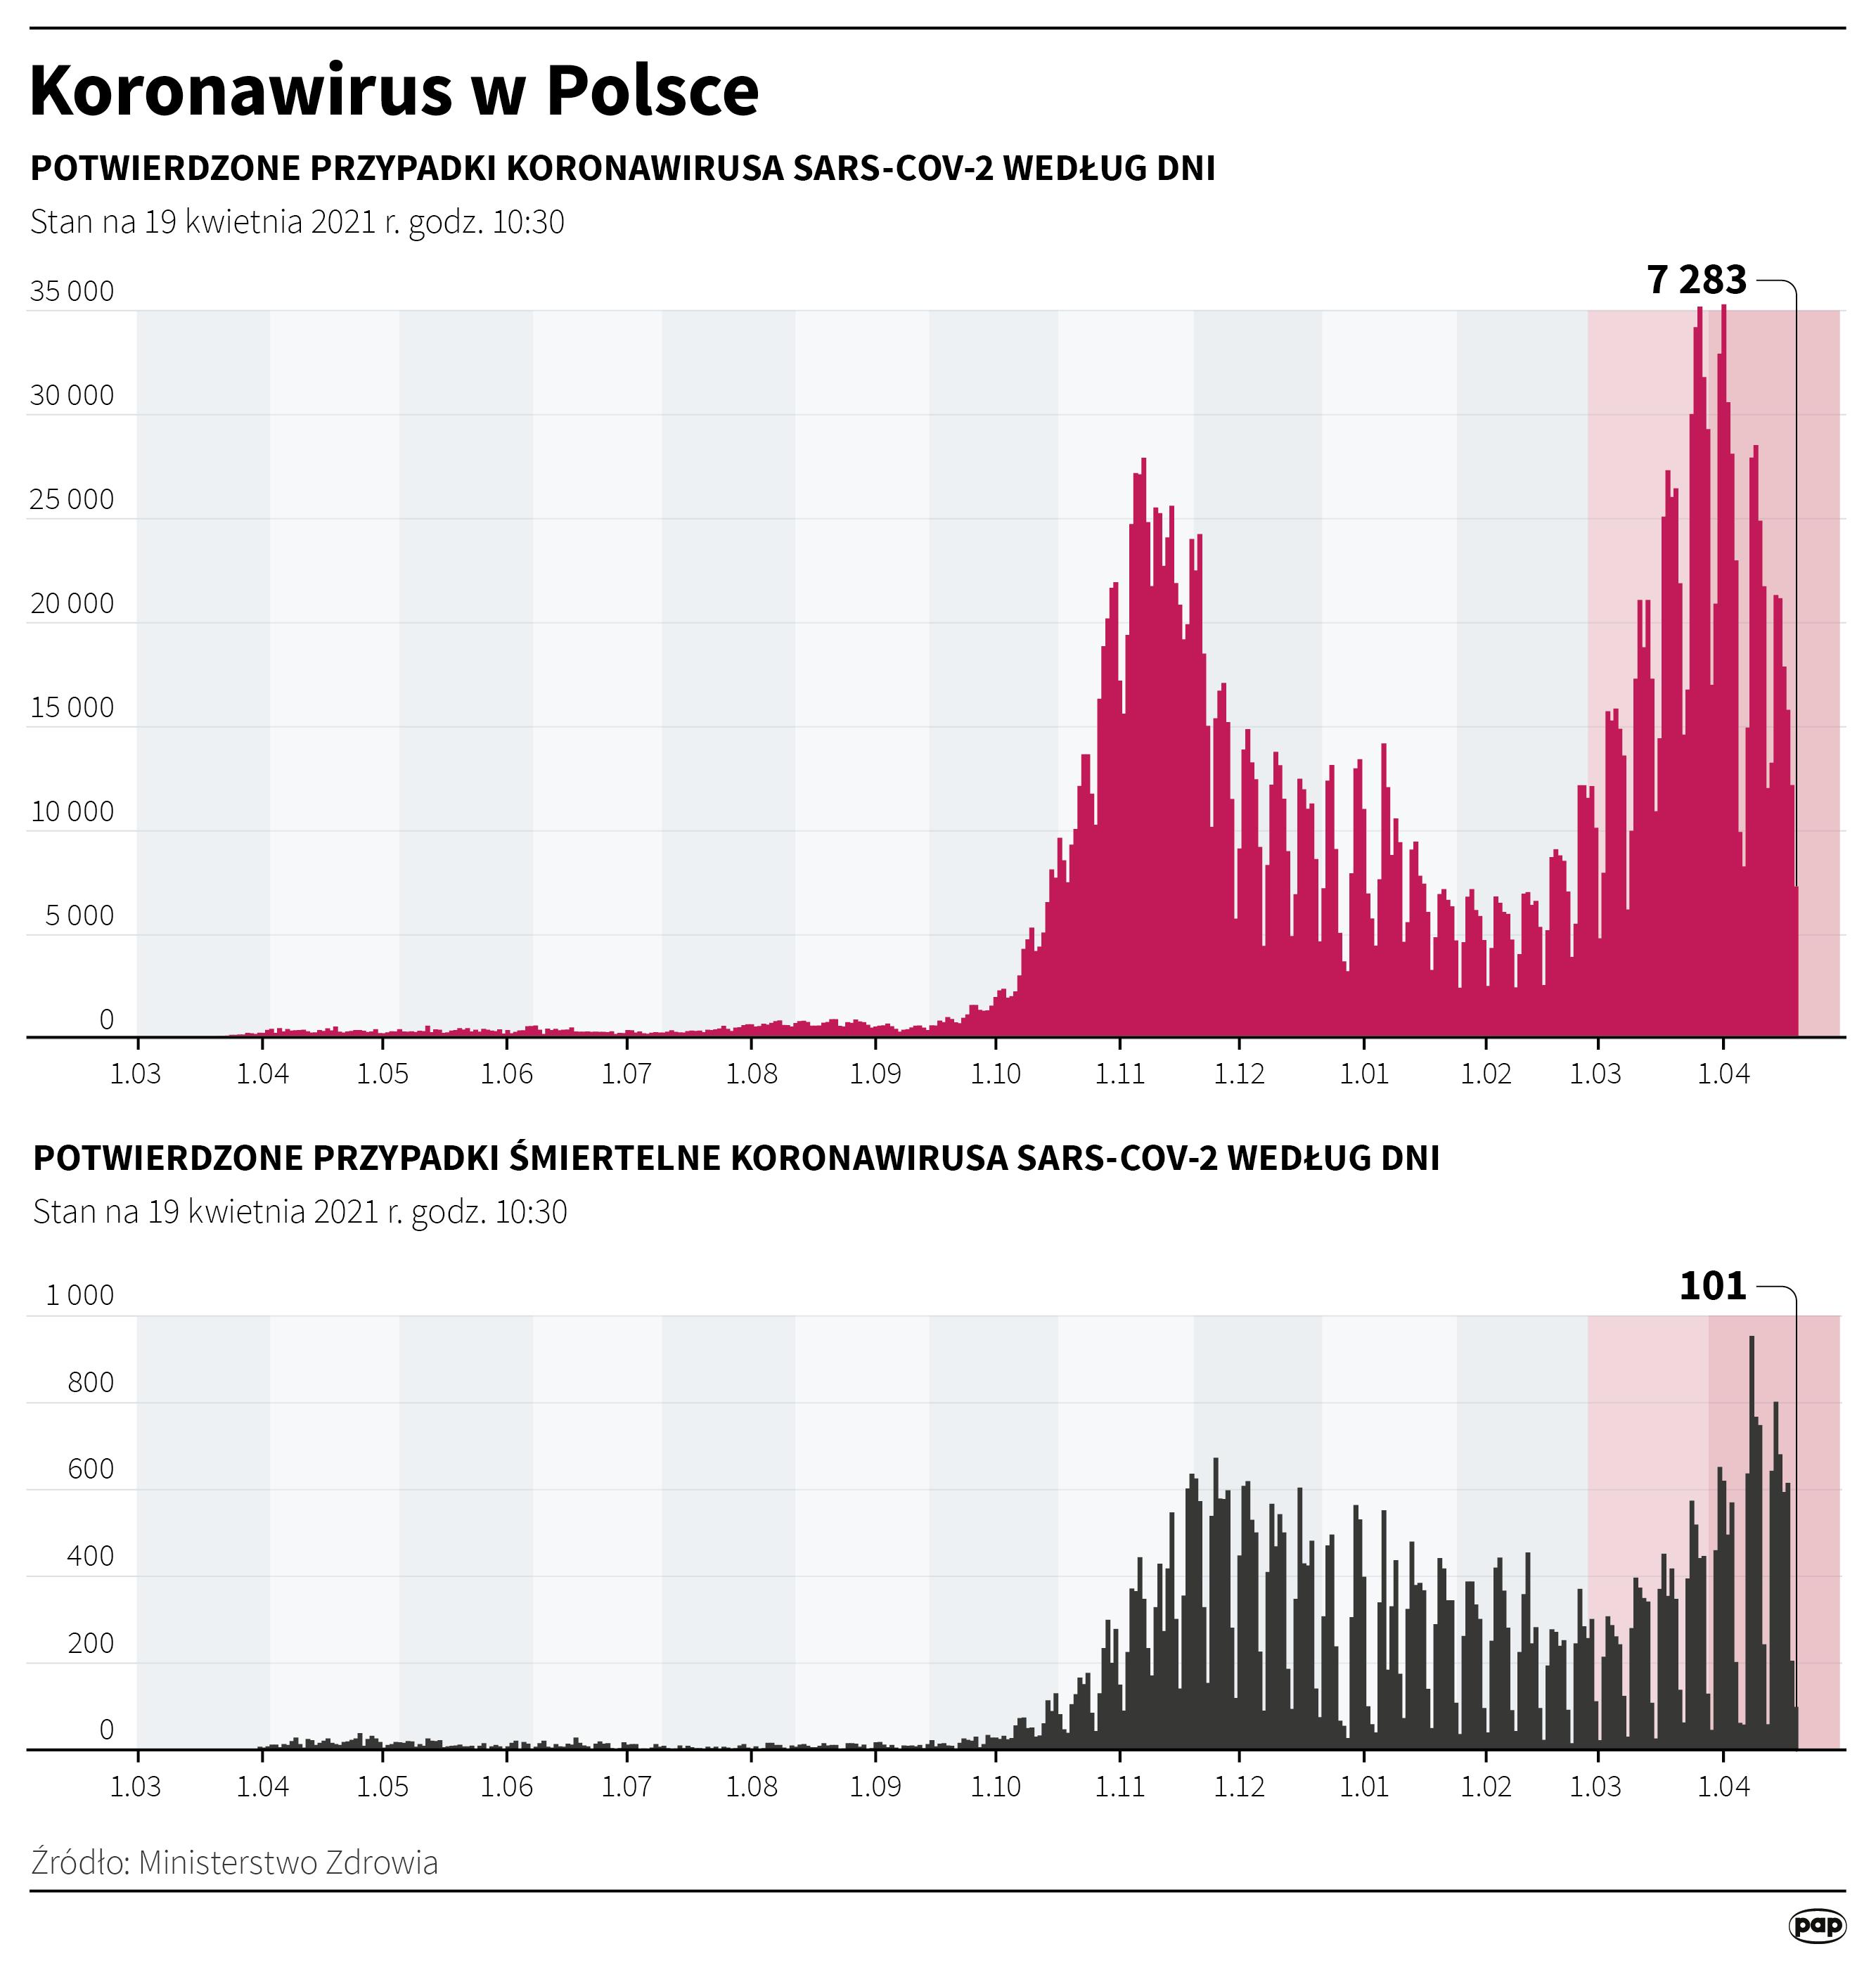 Koronawirus w Polsce - stan na 19 kwietnia [Autor: Maciej Zieliński, źródło: PAP]